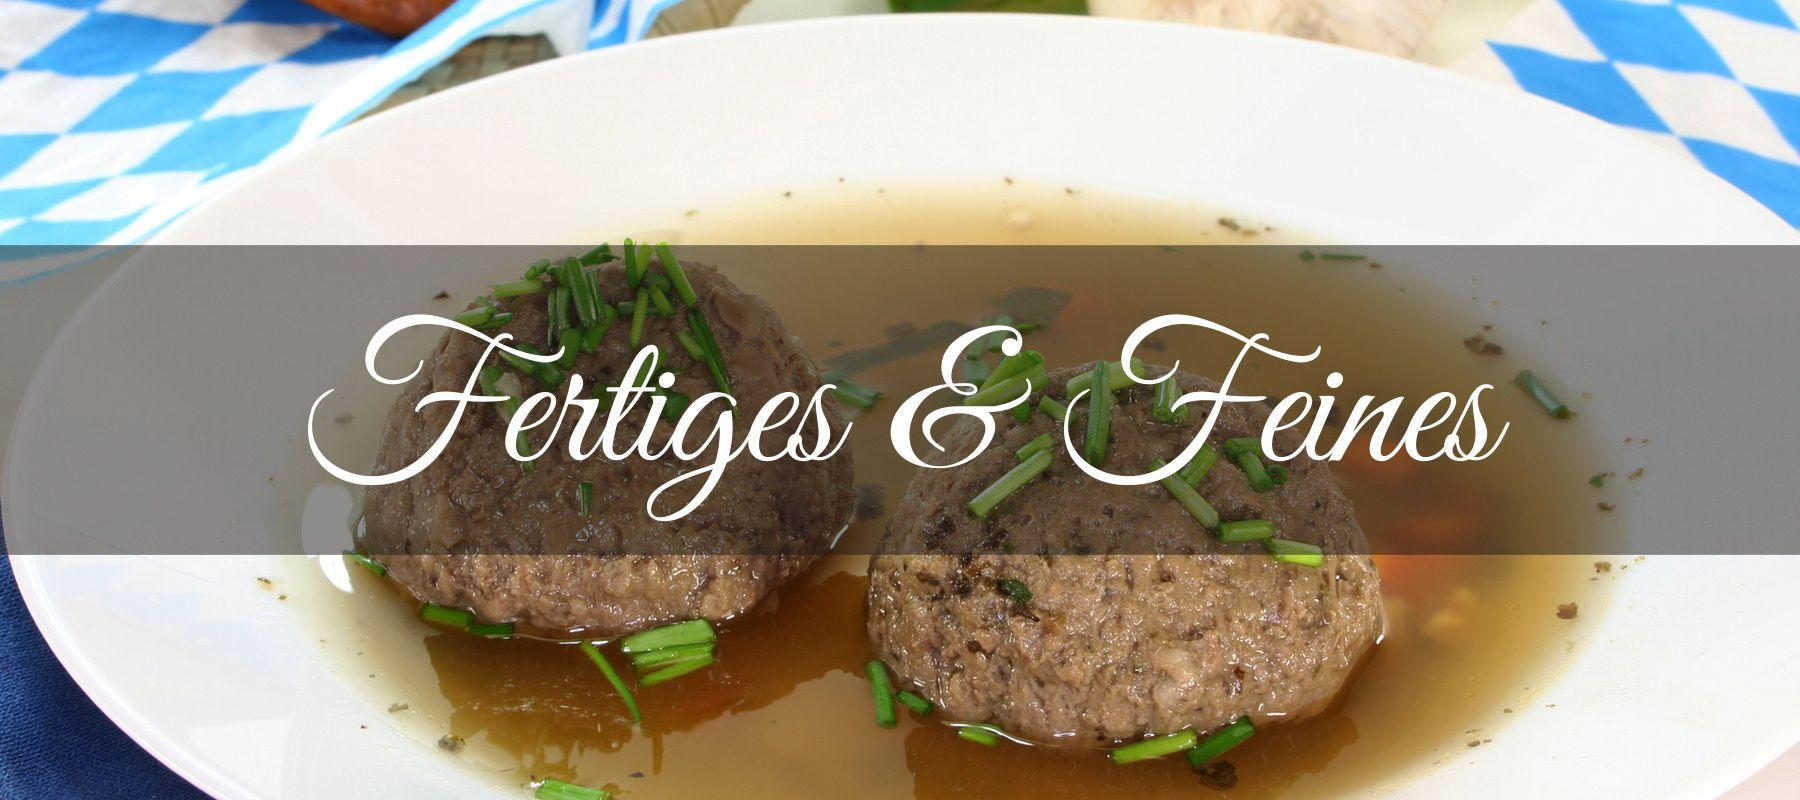 Fertiges & Feines